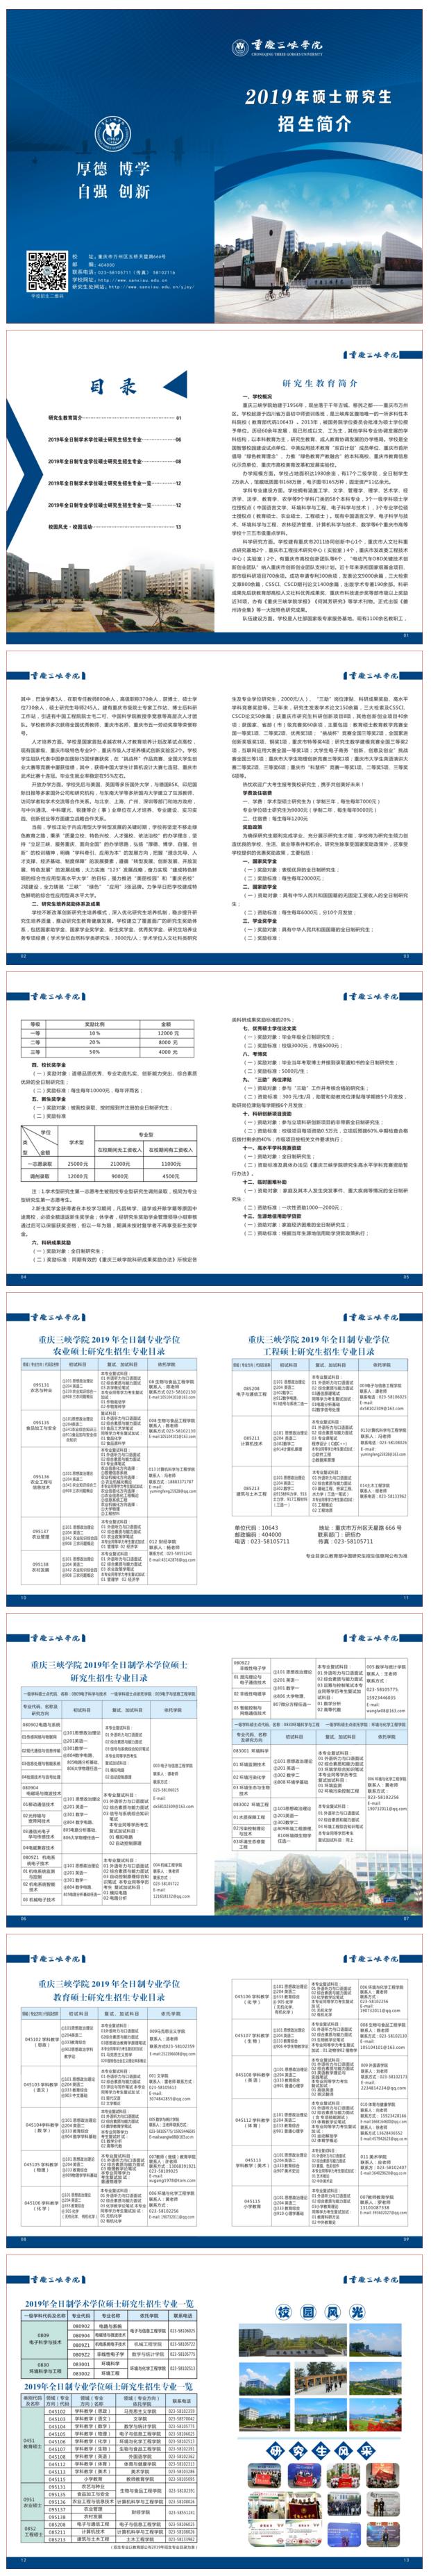 重庆三峡学院2019考研招生简章